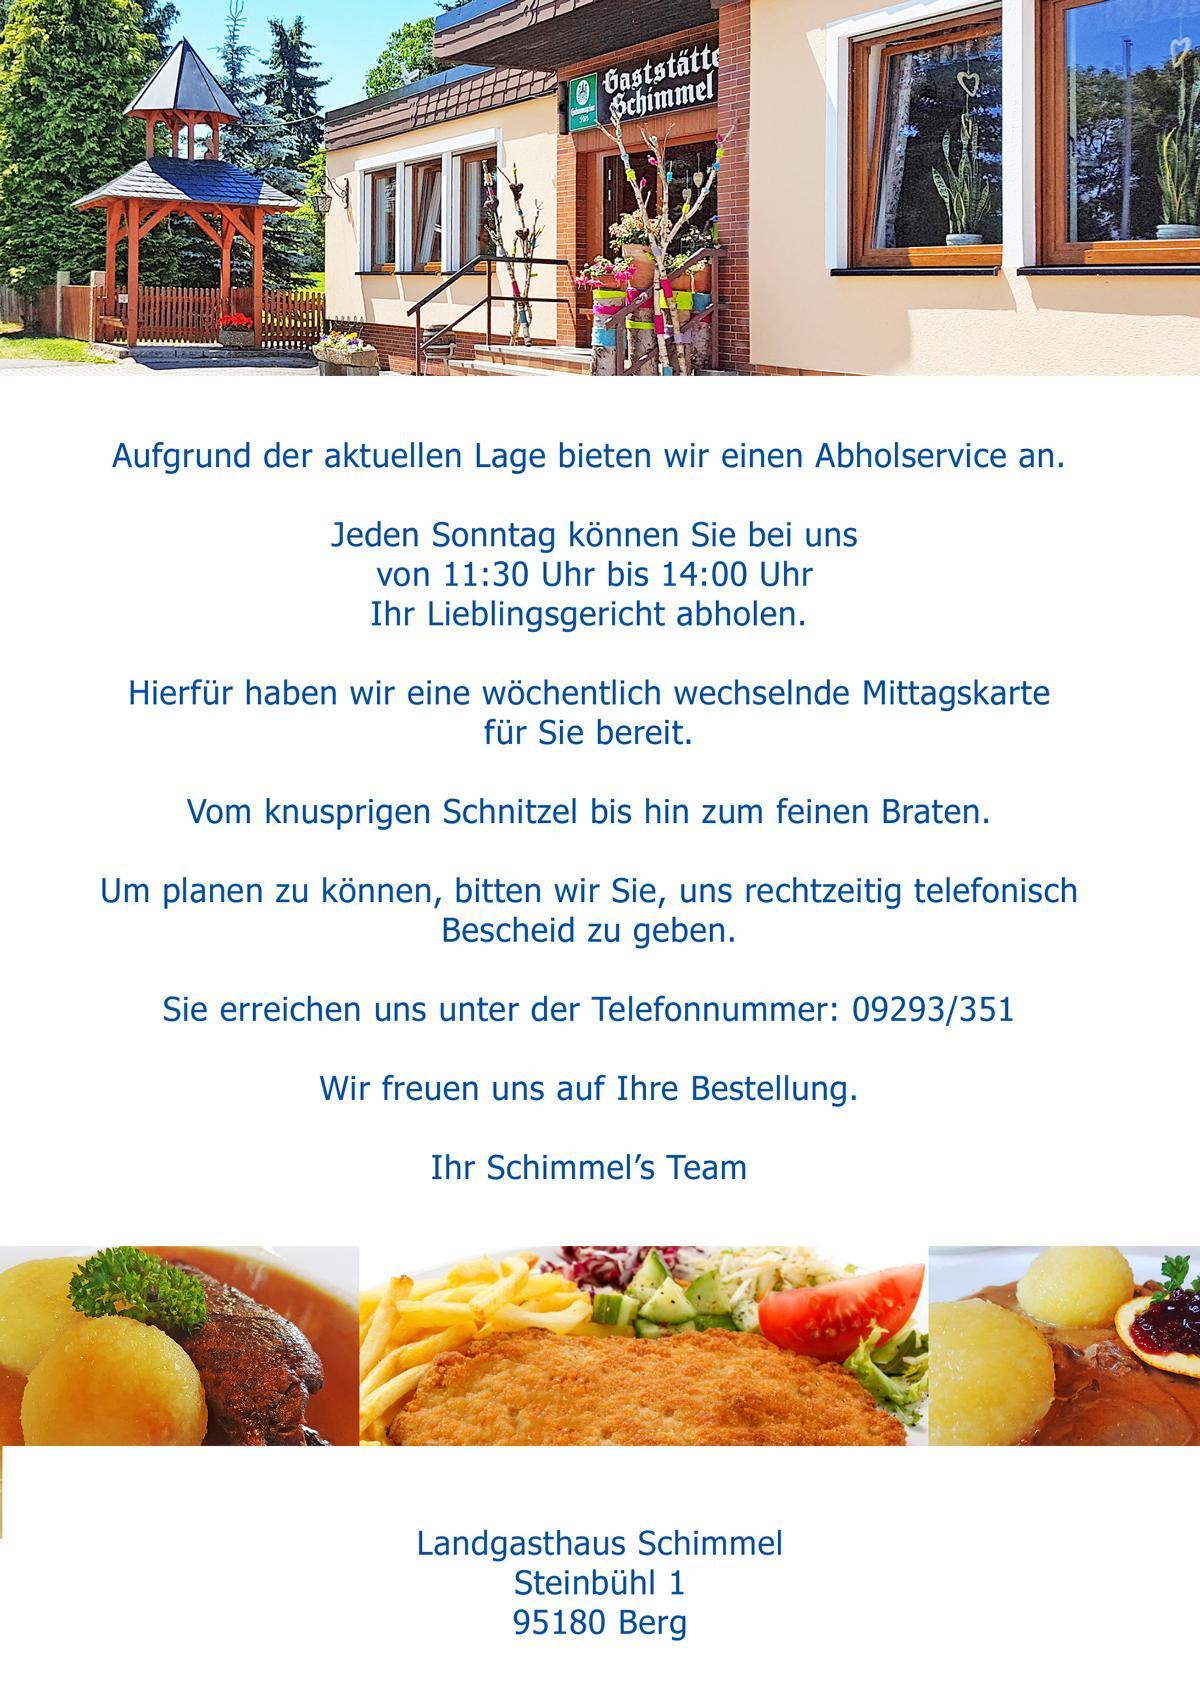 Abholservice - allgemeine Info